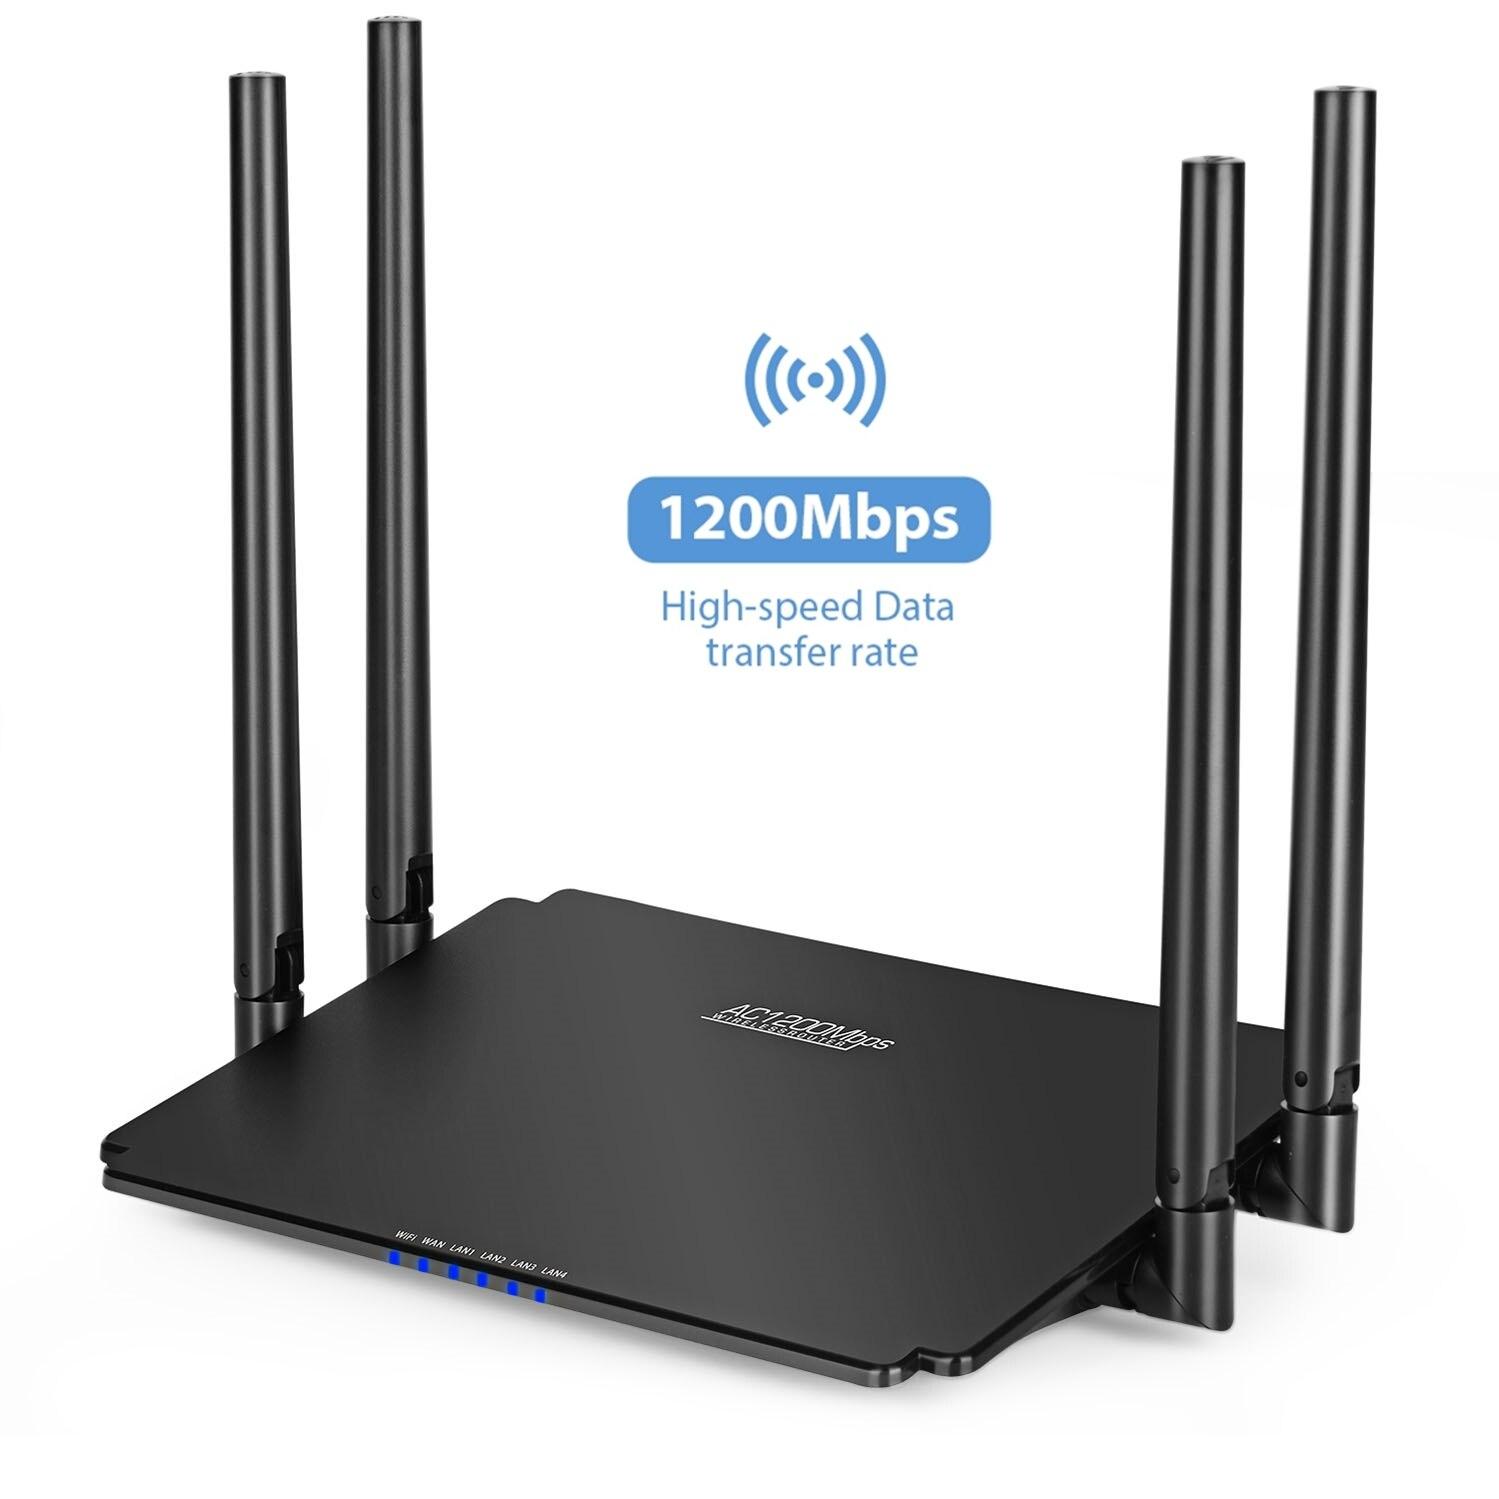 IMice Wi-Fi маршрутизатор 1200 Мбит/с 2,4 + 5 г Беспроводной маршрутизатор высокой Скорость двухдиапазонный беспроводной ретранслятор точка доступа...